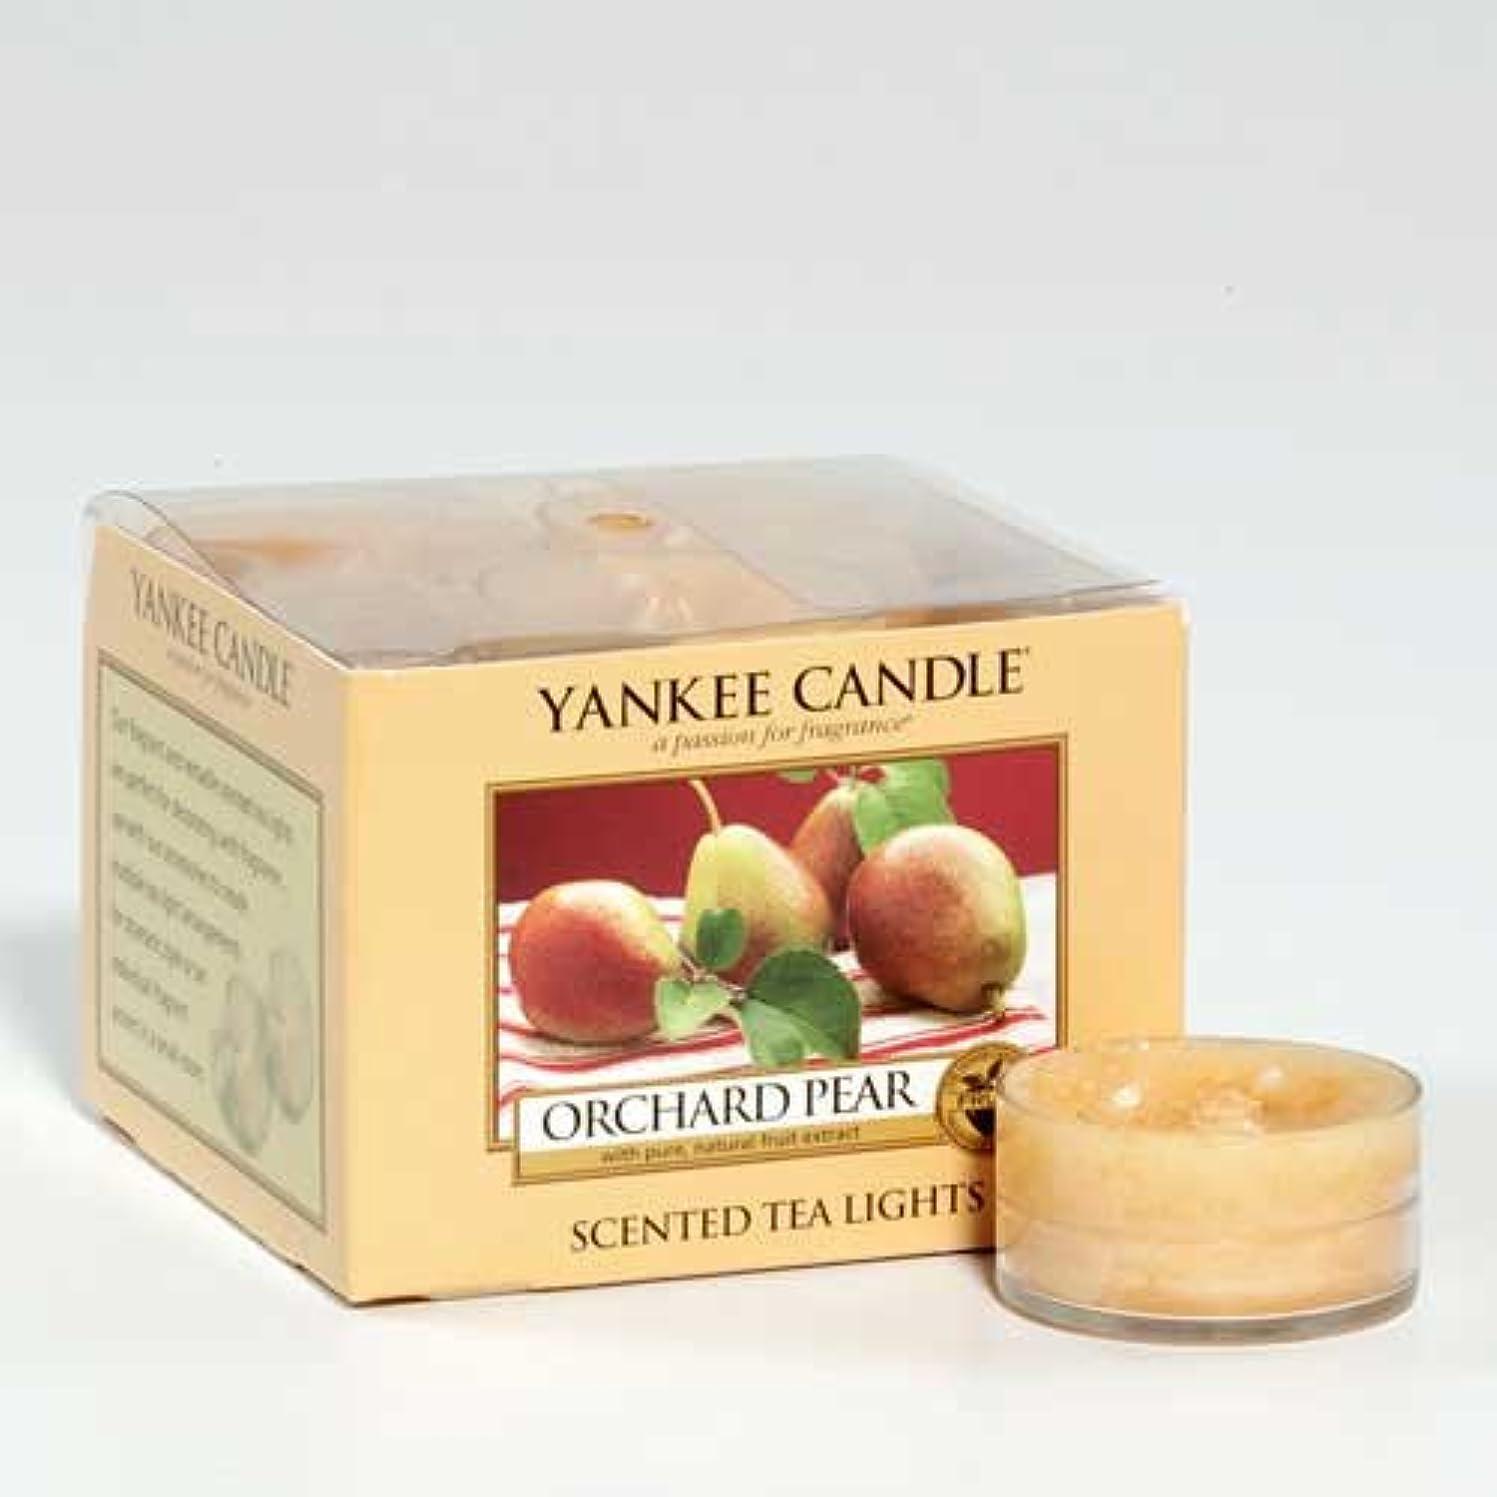 瀬戸際ロードハウス退屈Yankee Candle 12香りつきTealights – Orchard Pear